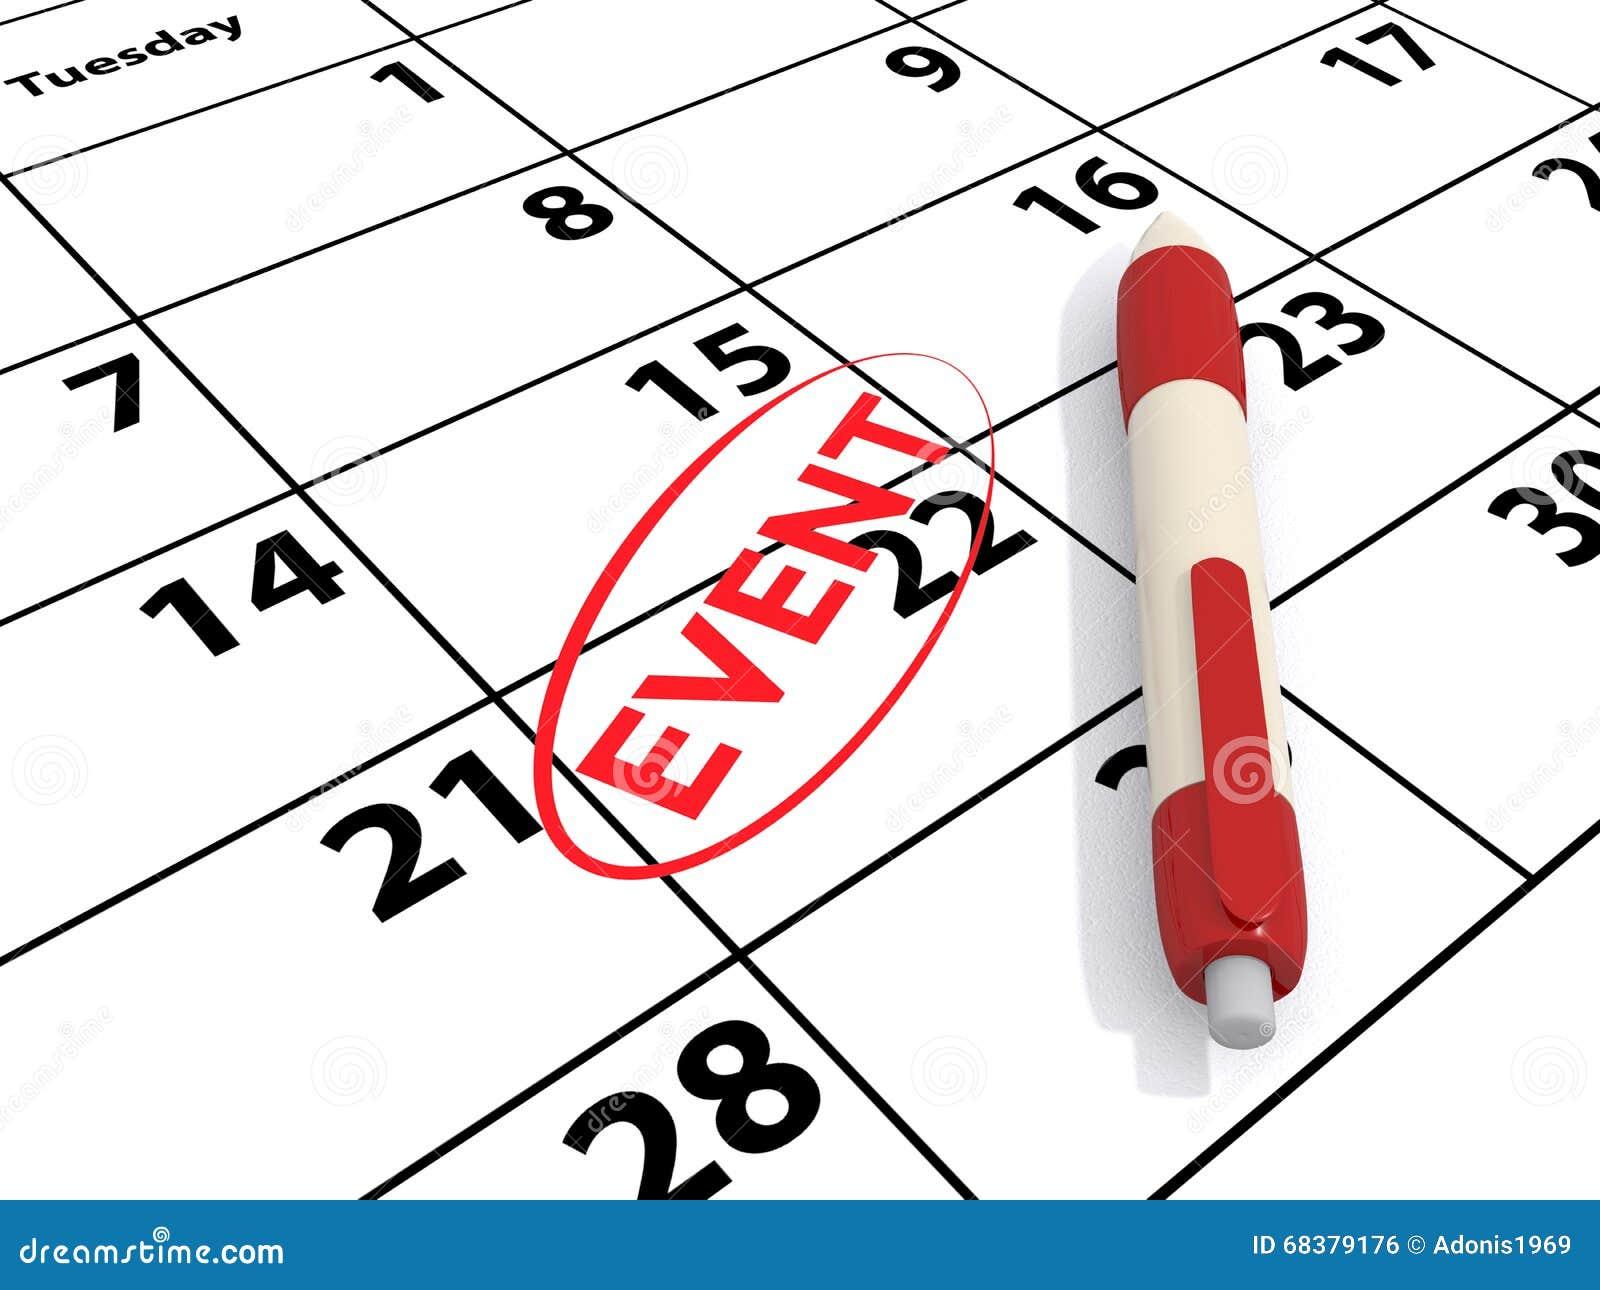 Calendar and event